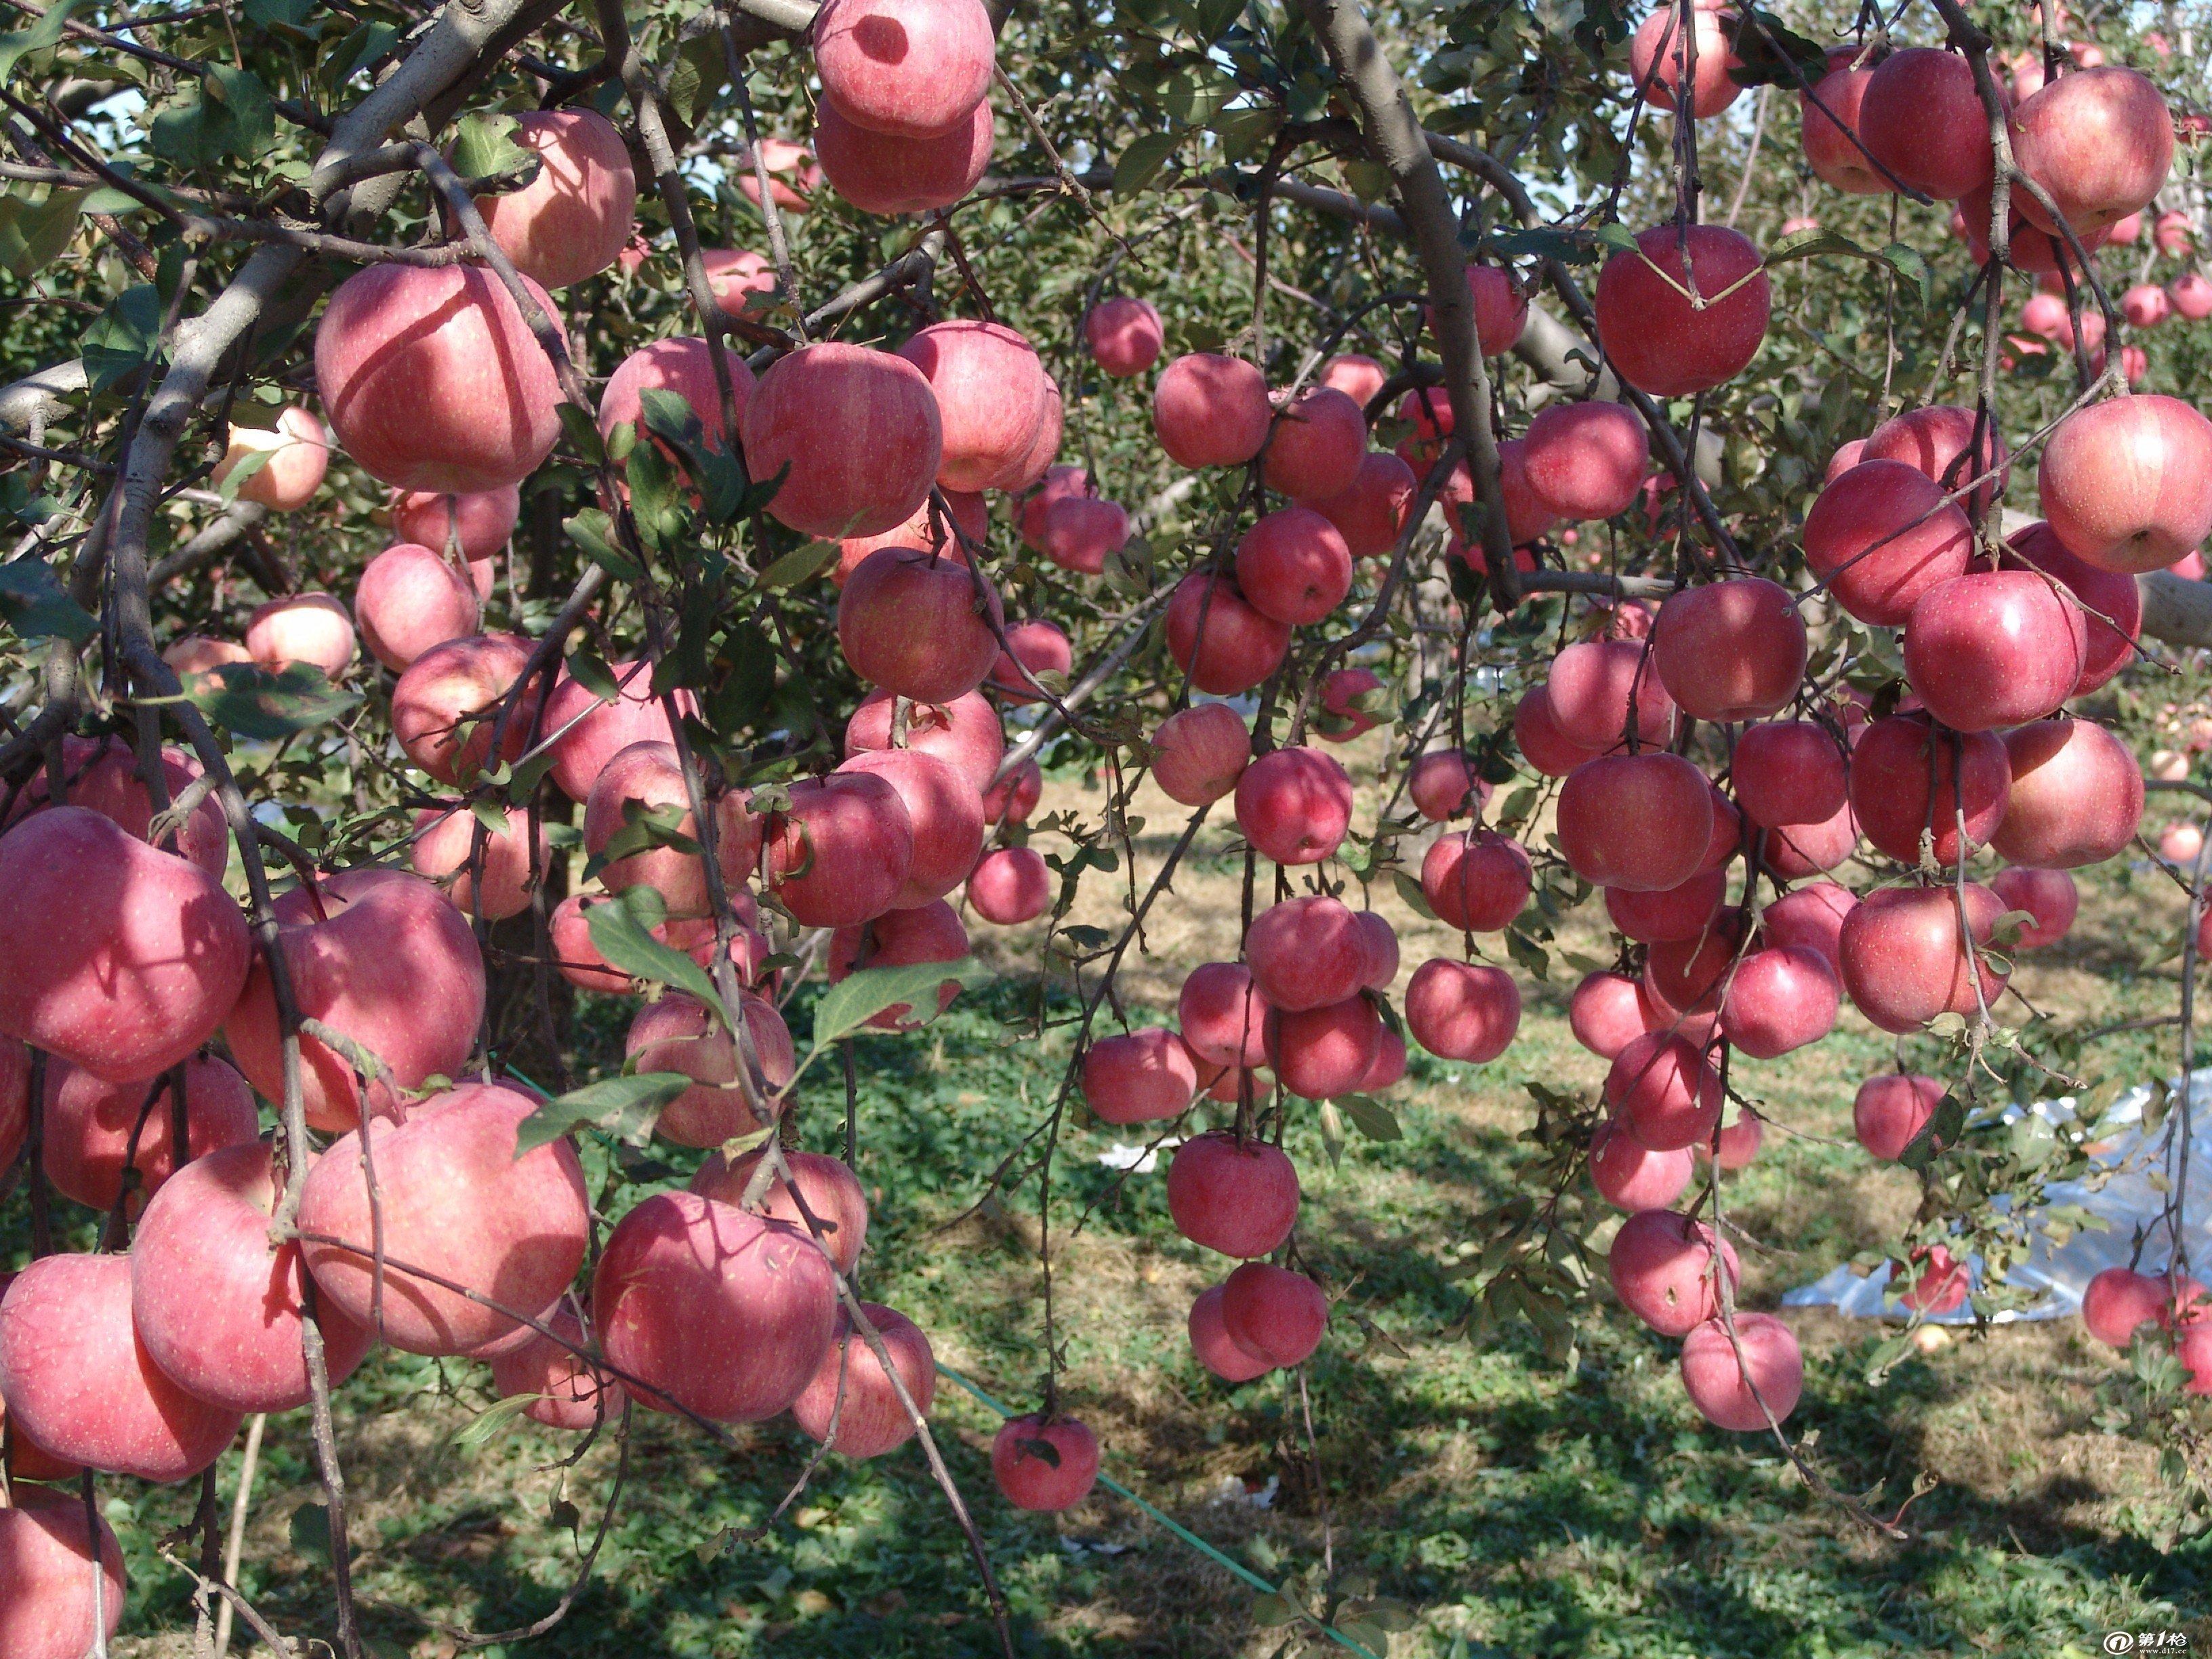 全国包邮! 桃树葡萄油桃苹果反光膜 果树反光膜 厂家 价格 河北